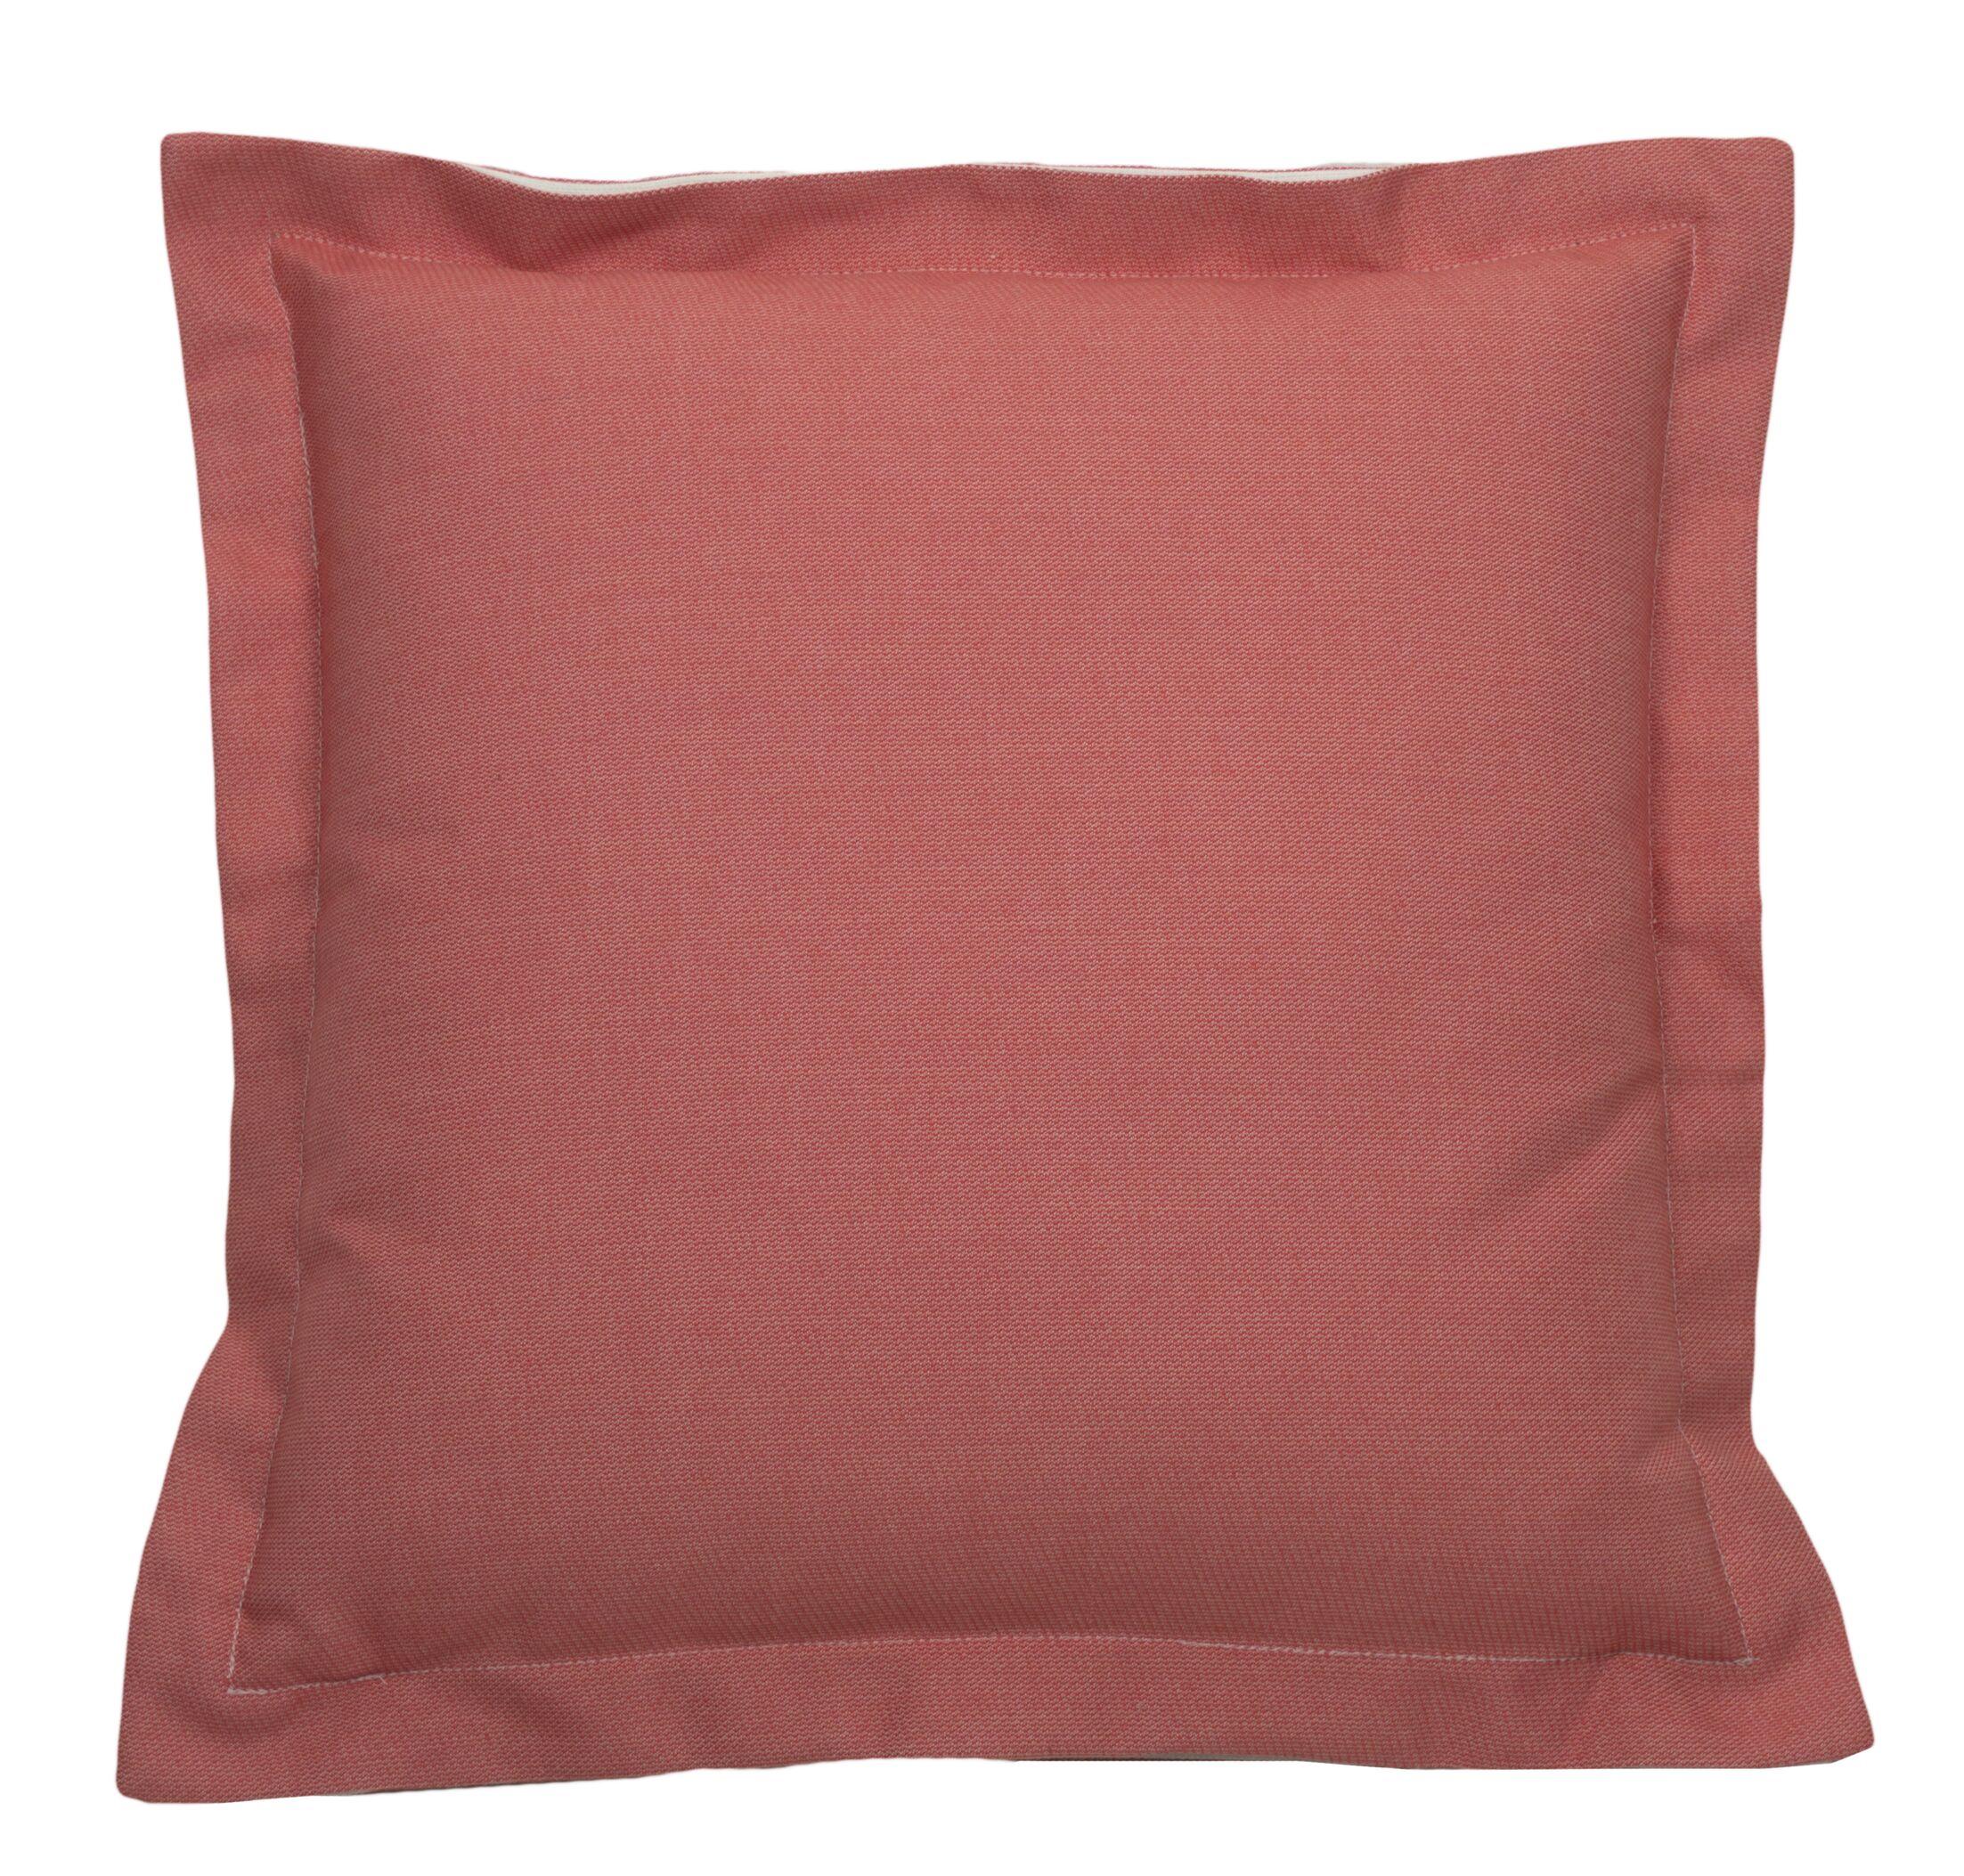 Indoor/Outdoor Throw Pillow (Set of 2) Size: 22